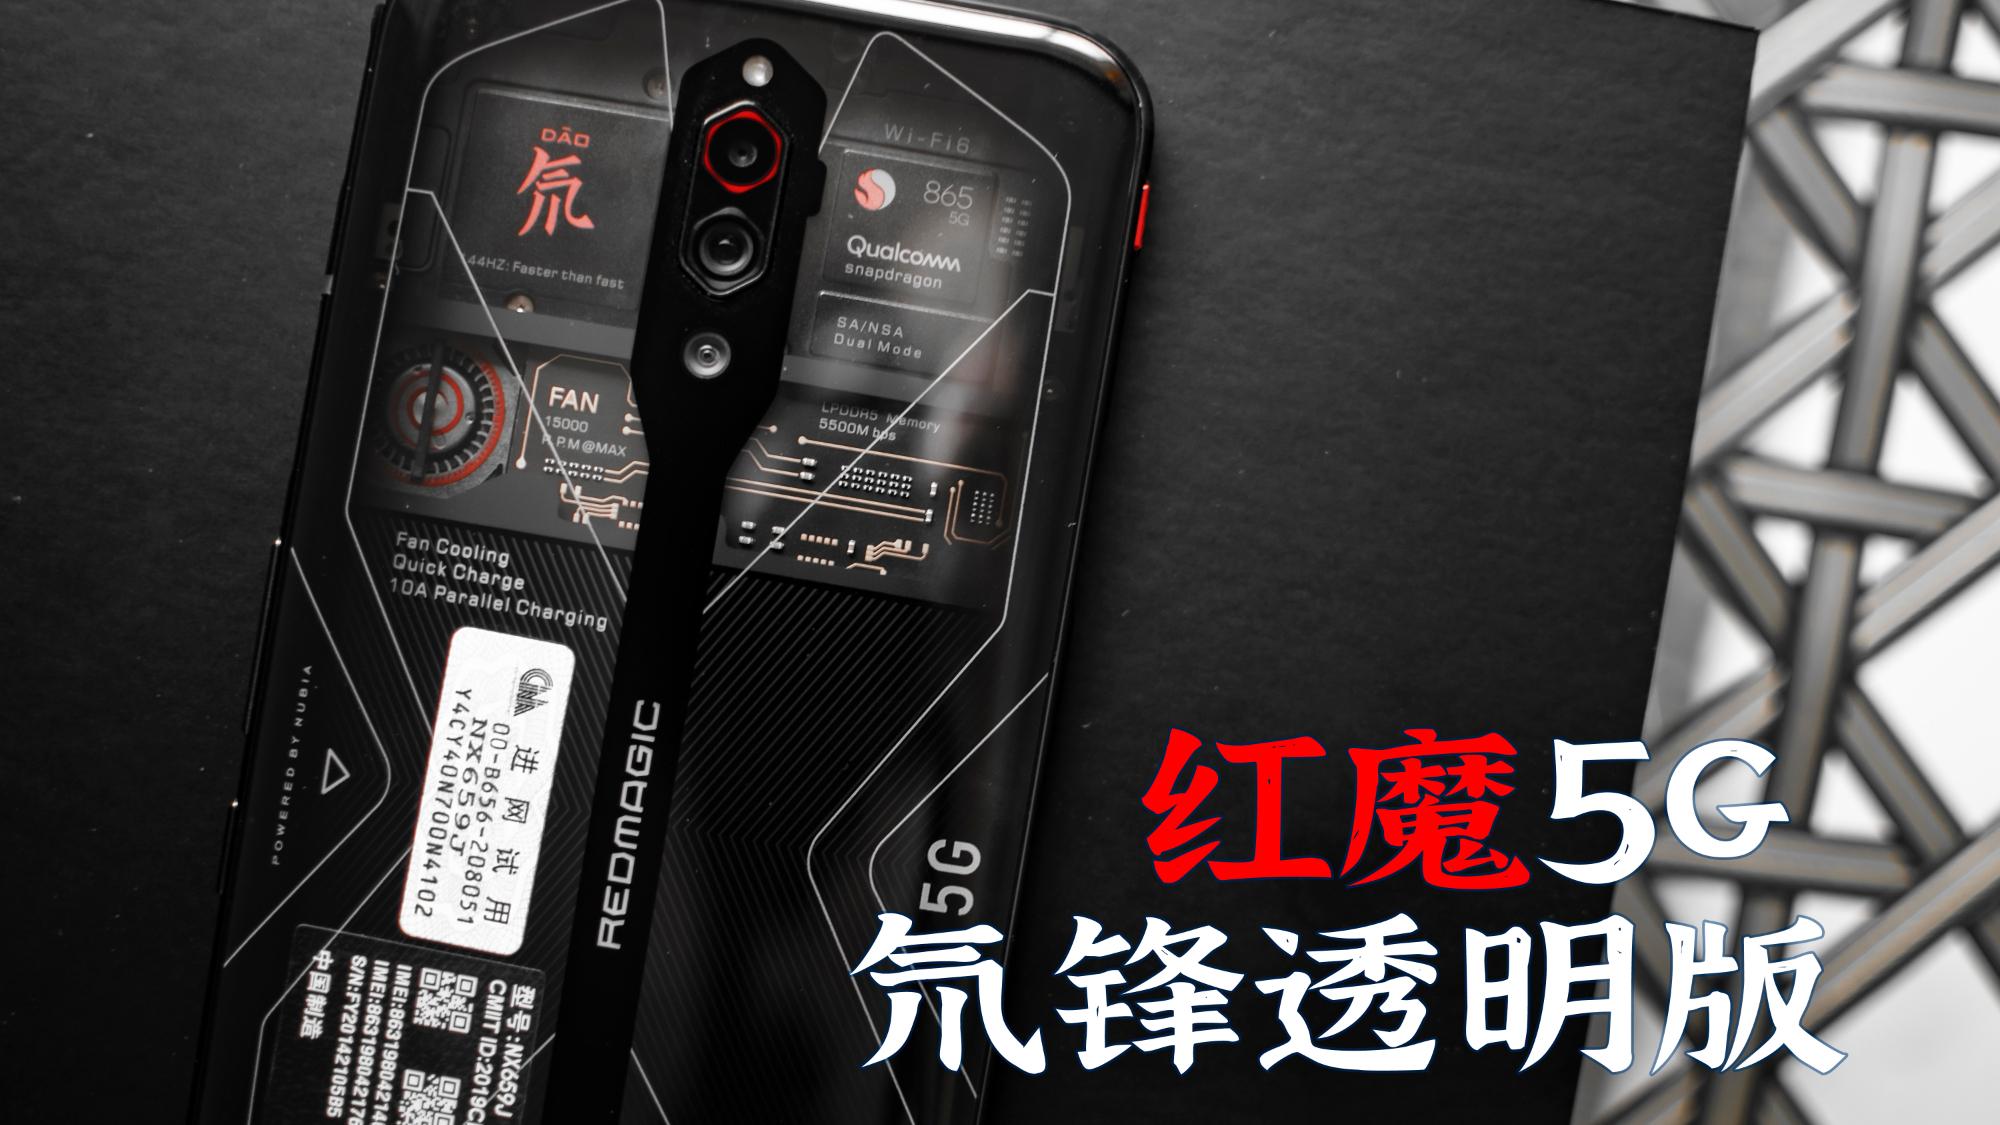 【村小幸】:第一次评测红魔5G氘锋透明版,帅到忘词。